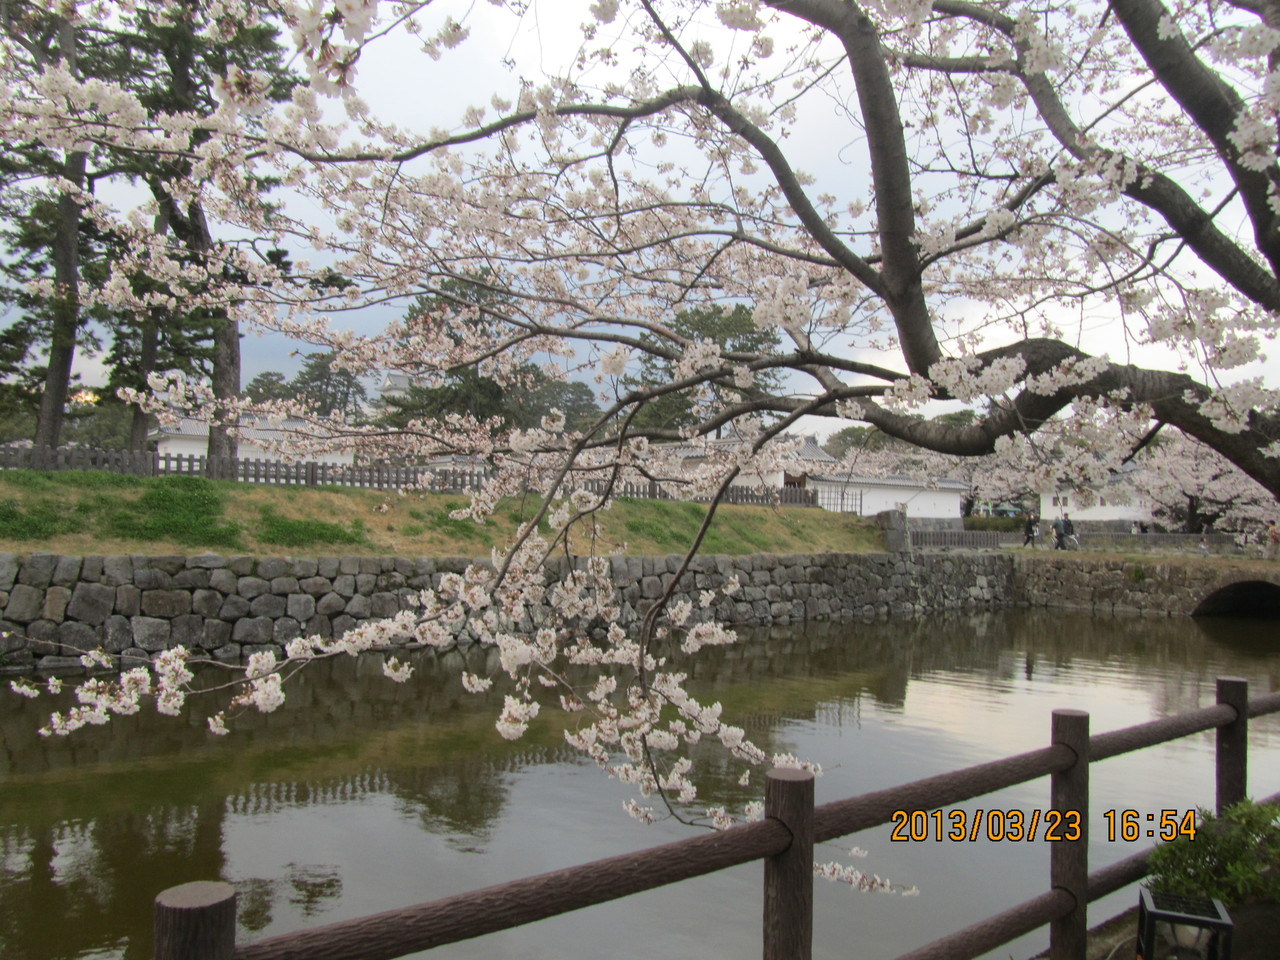 桜の花びらの淡い色彩と、潔く散っていく様(さま)は、まるで戦国武将のはかない命を投影しているようです。